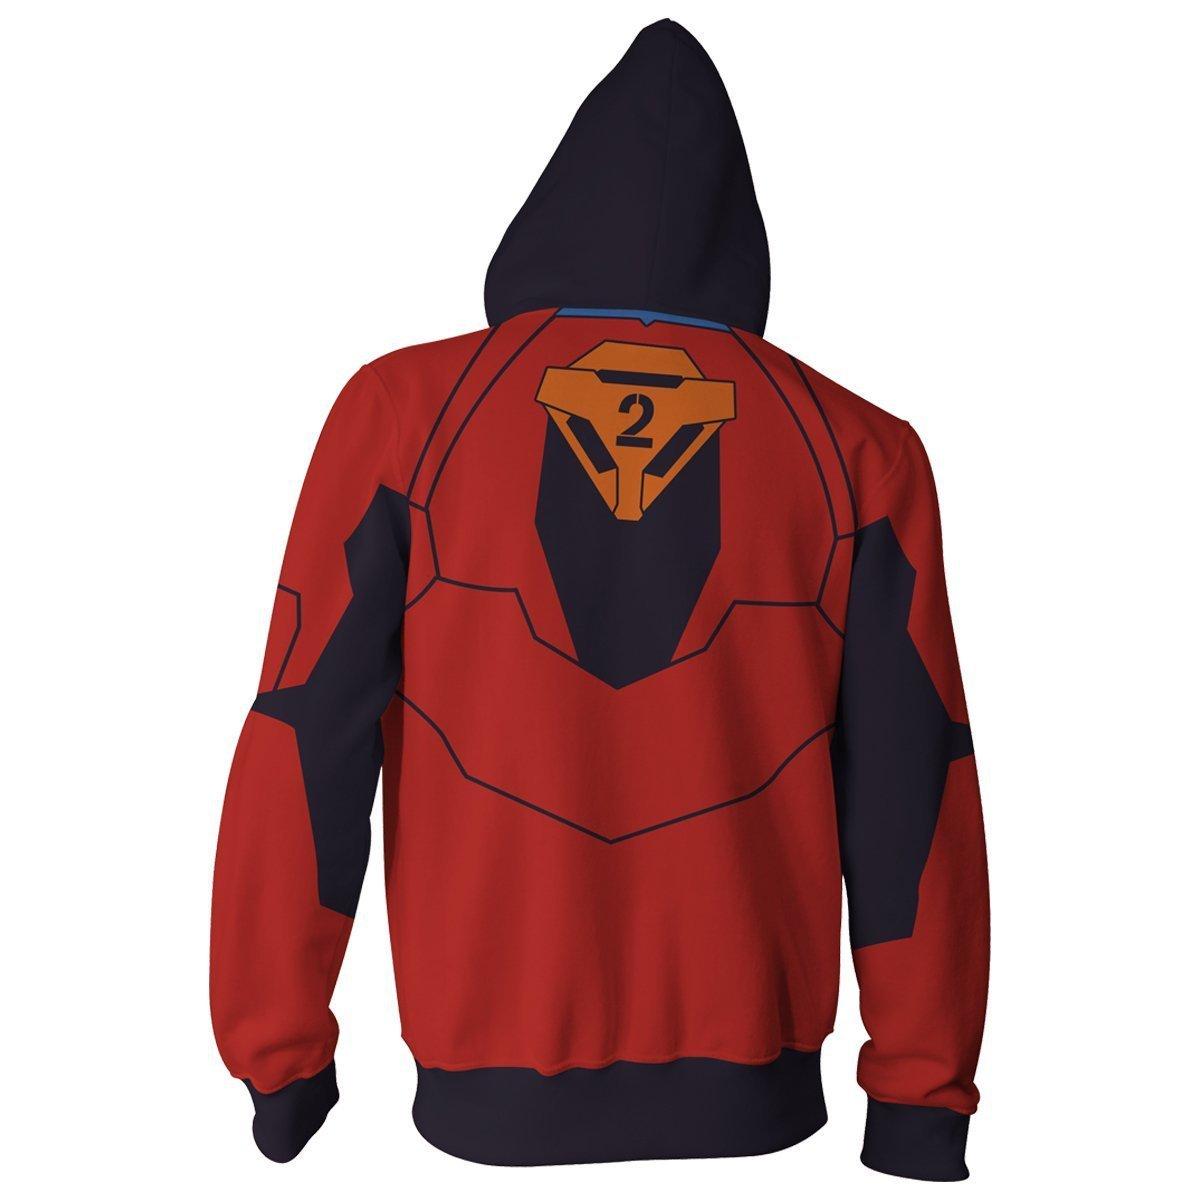 HTB1C0DaXk5E3KVjSZFCq6zuzXXaO Jaqueta evangelion ayanami rei sweatshirts com capuz cosplay traje jaquetas homens casaco superior com zíper casual hoded